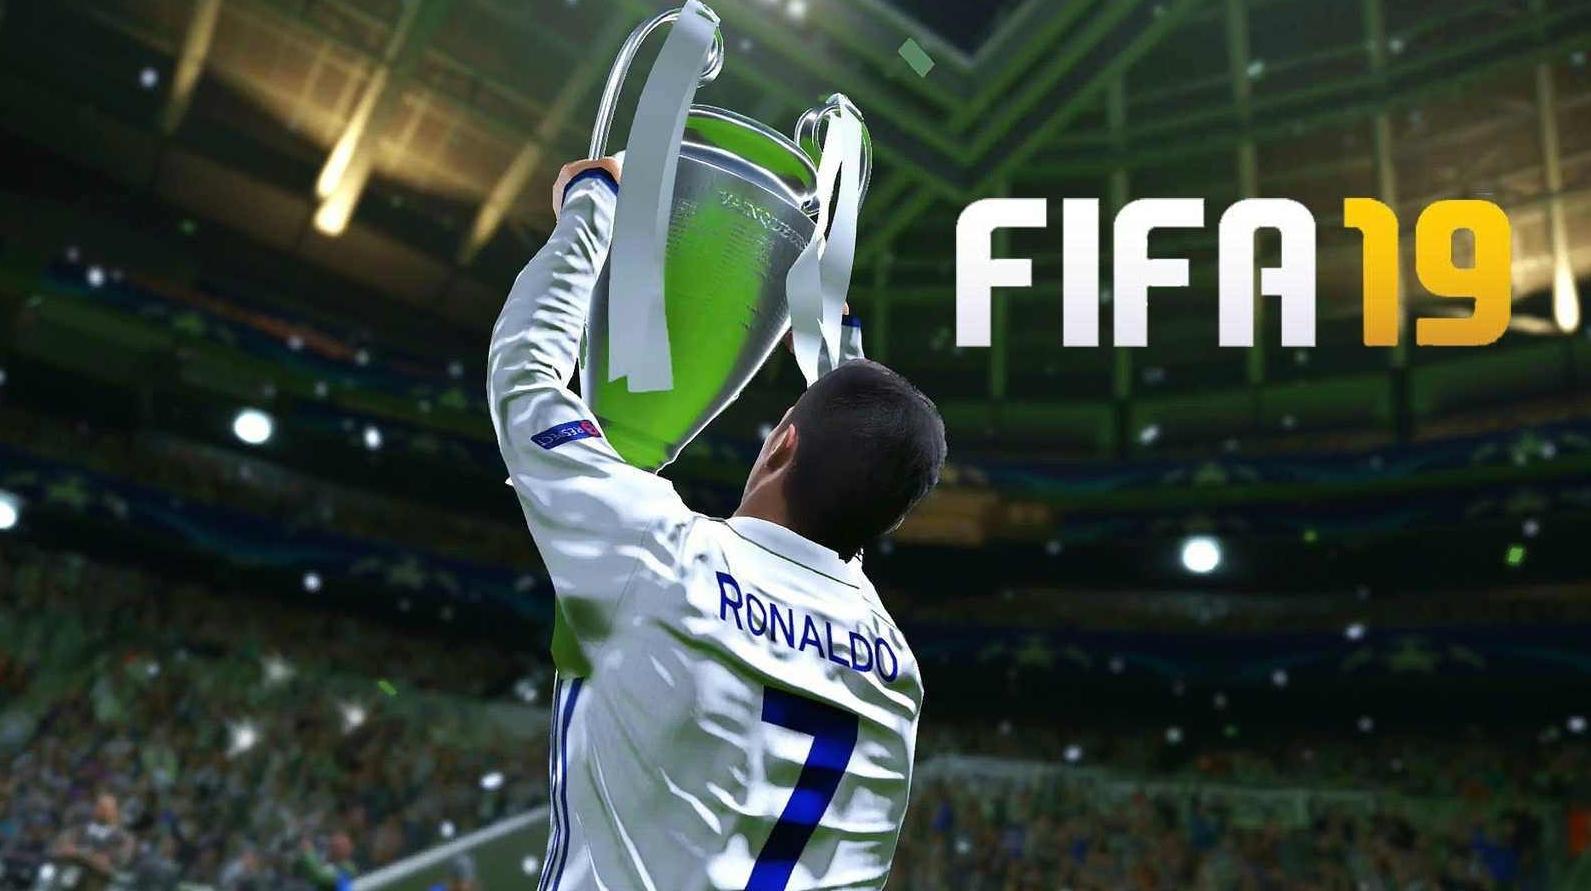 La Champions League llega a FIFA 19